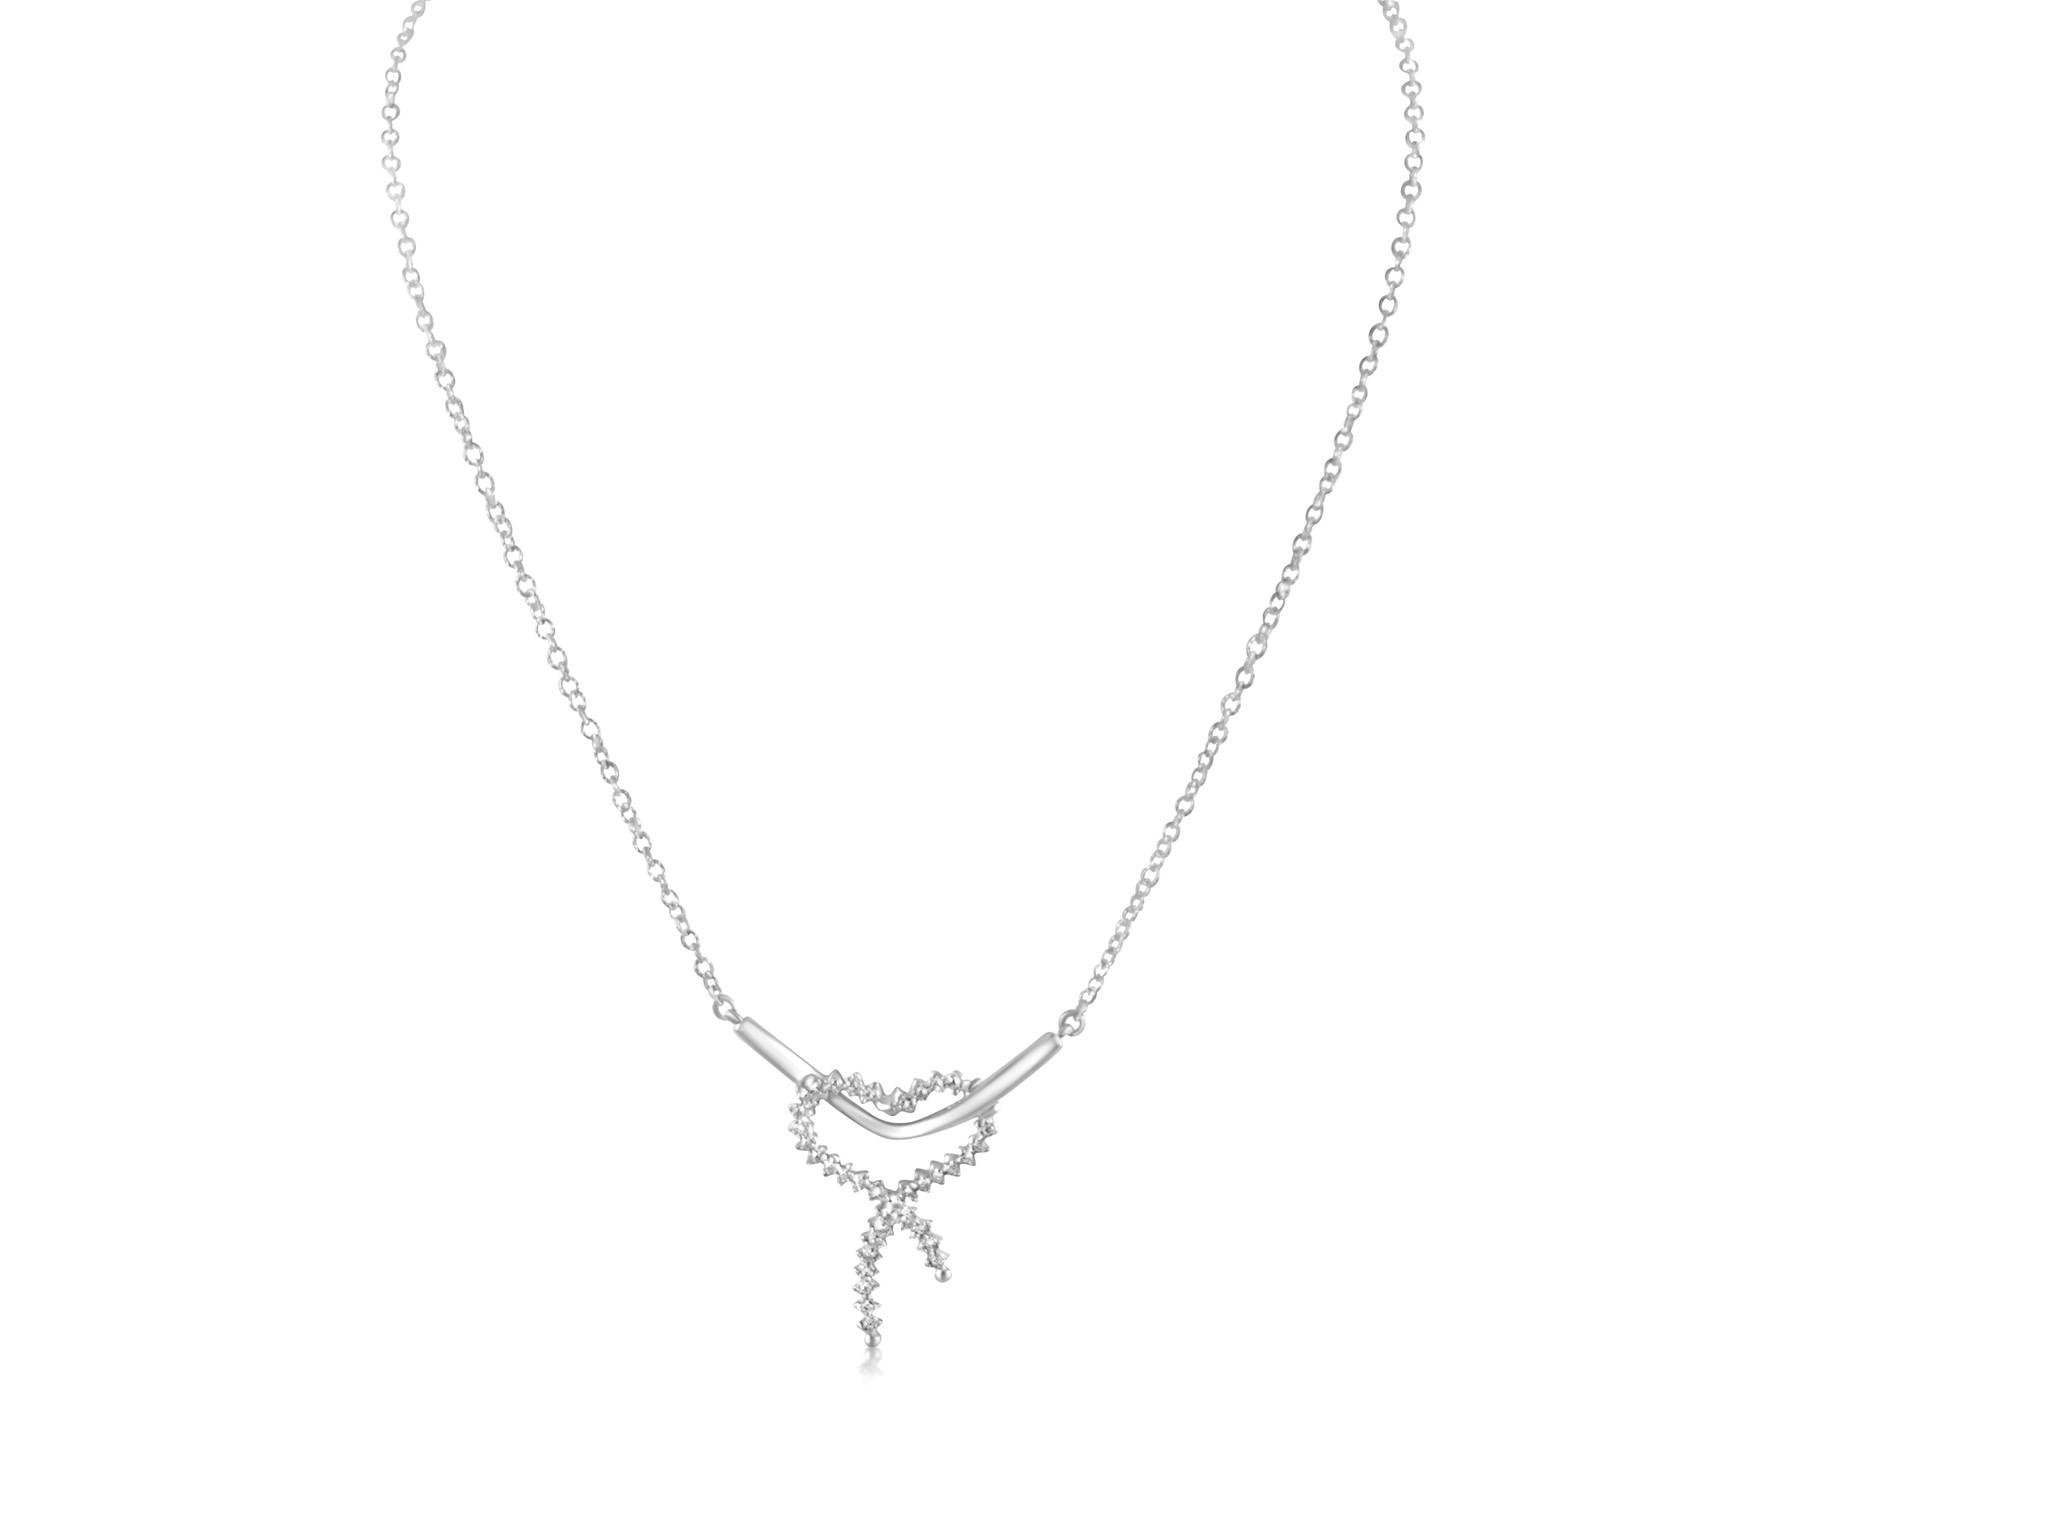 18kt wit goud ketting met hanger met zirkonia